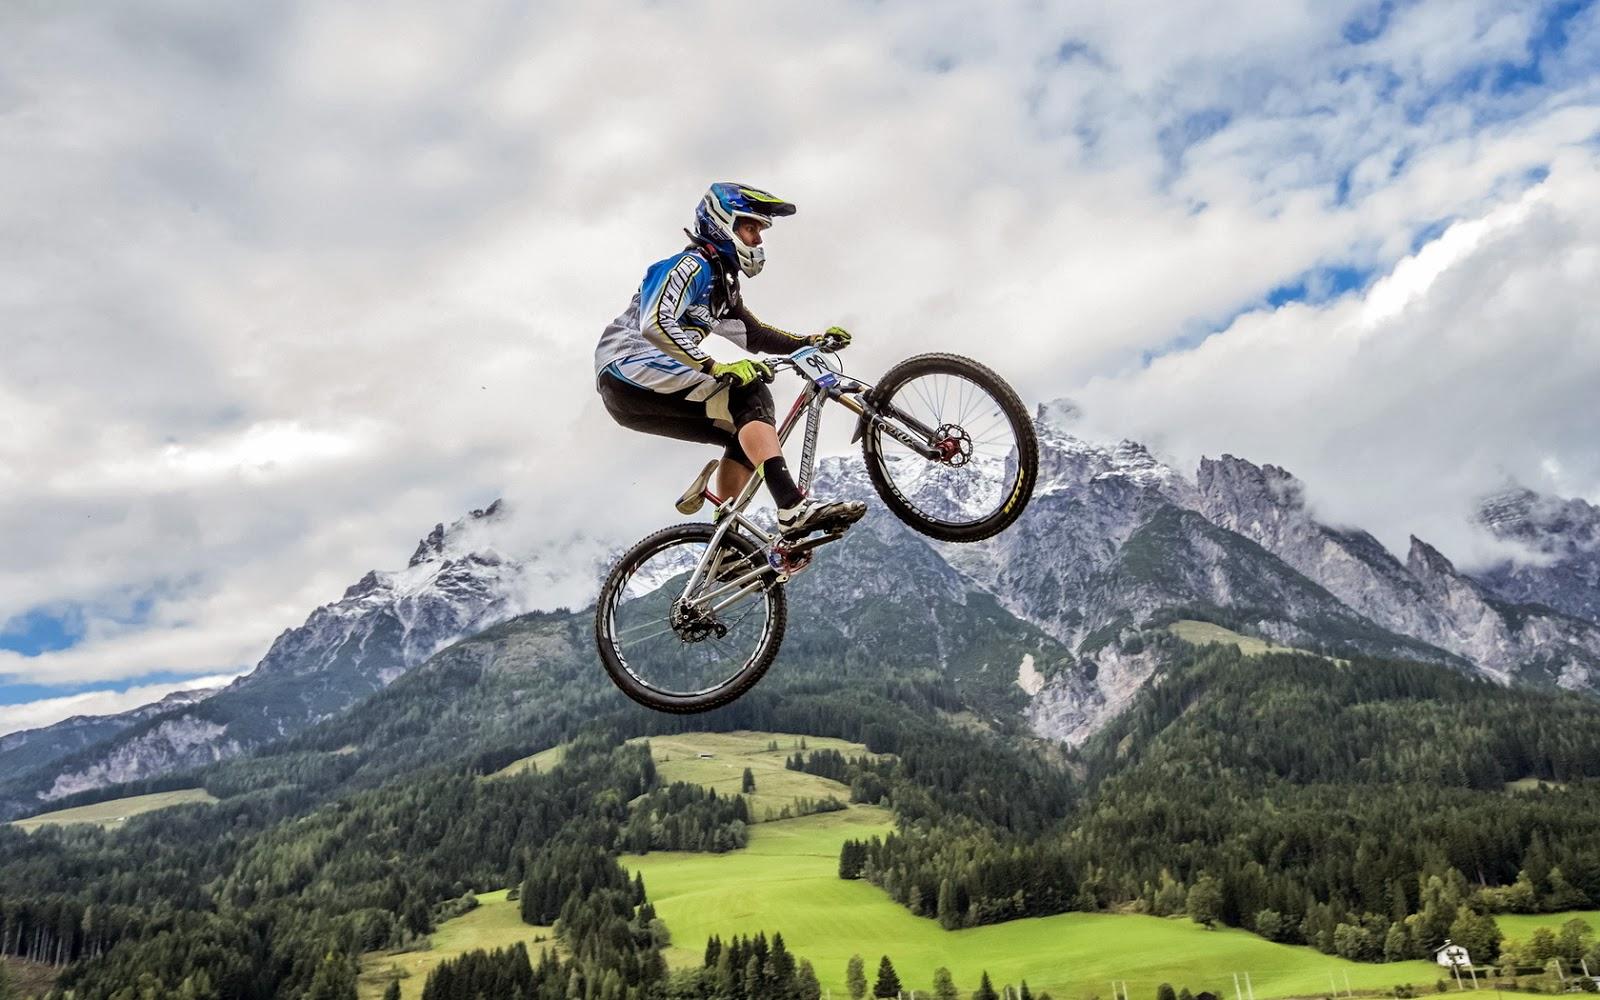 Fotos de corredor de bicicleta ~ Banco de Fotos Profesionales